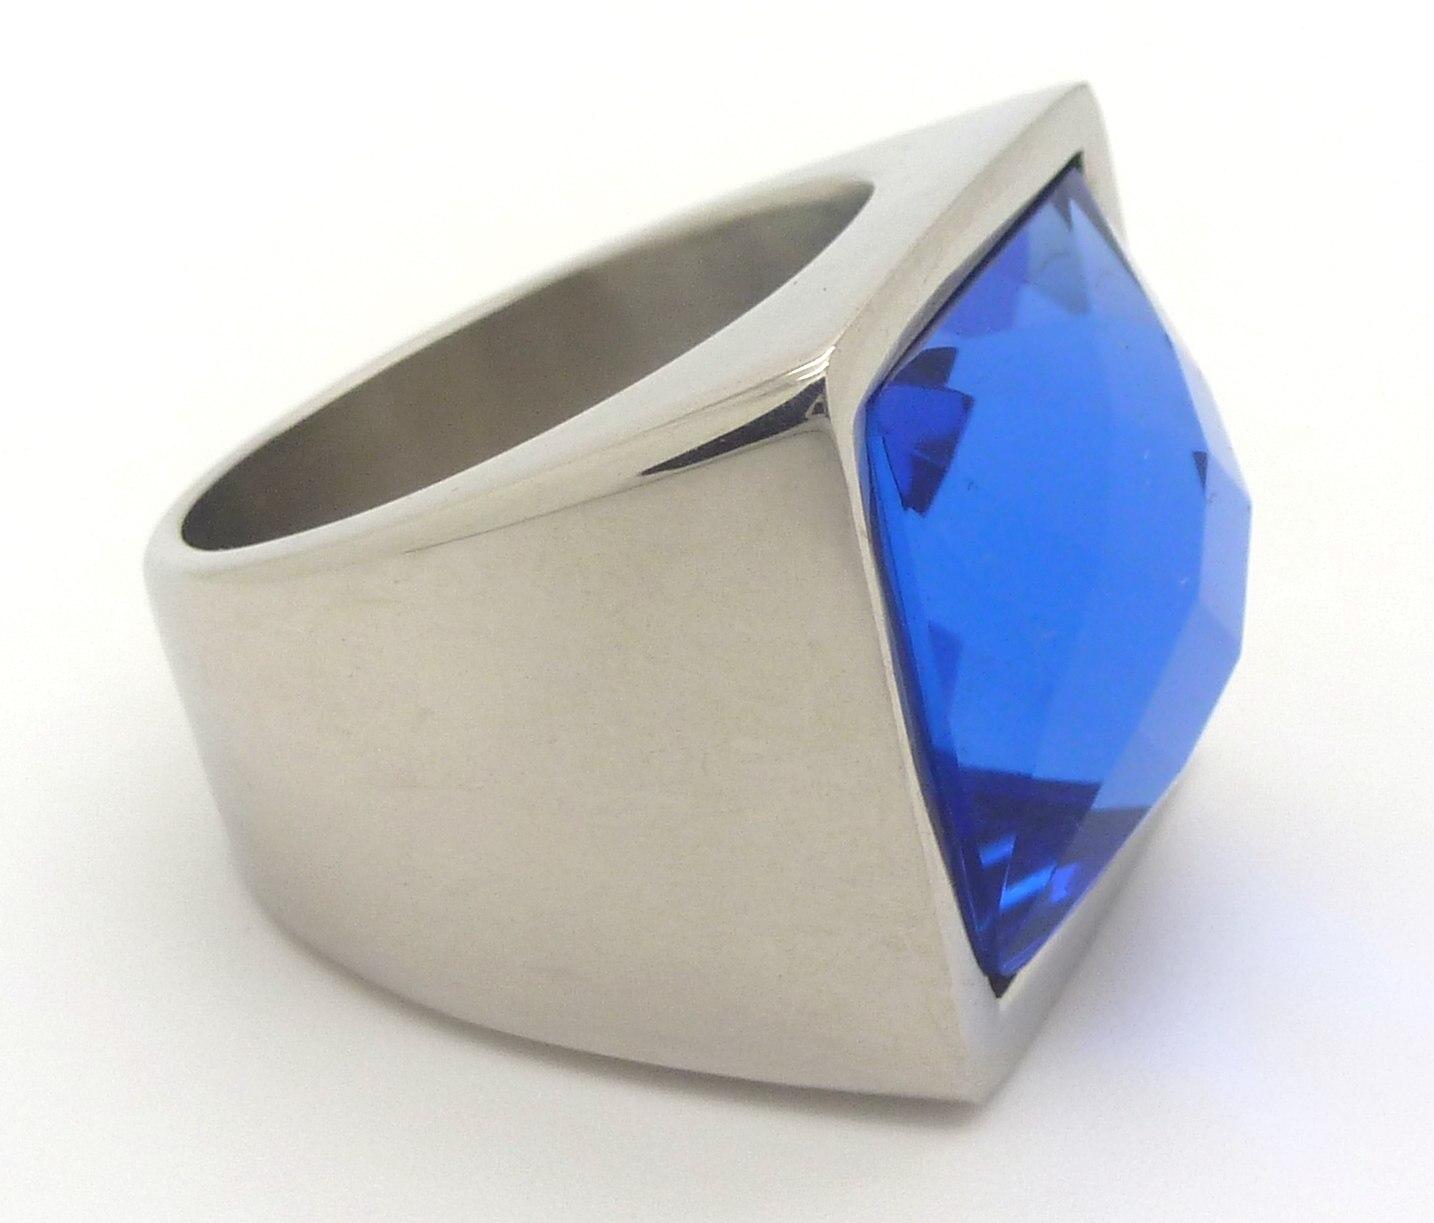 Joyas de acero quirurgico por mayor, anillos. Anillo cuadrado grueso con piedra azul facetada-Joyas de Acero-Anillos-RA0486AL